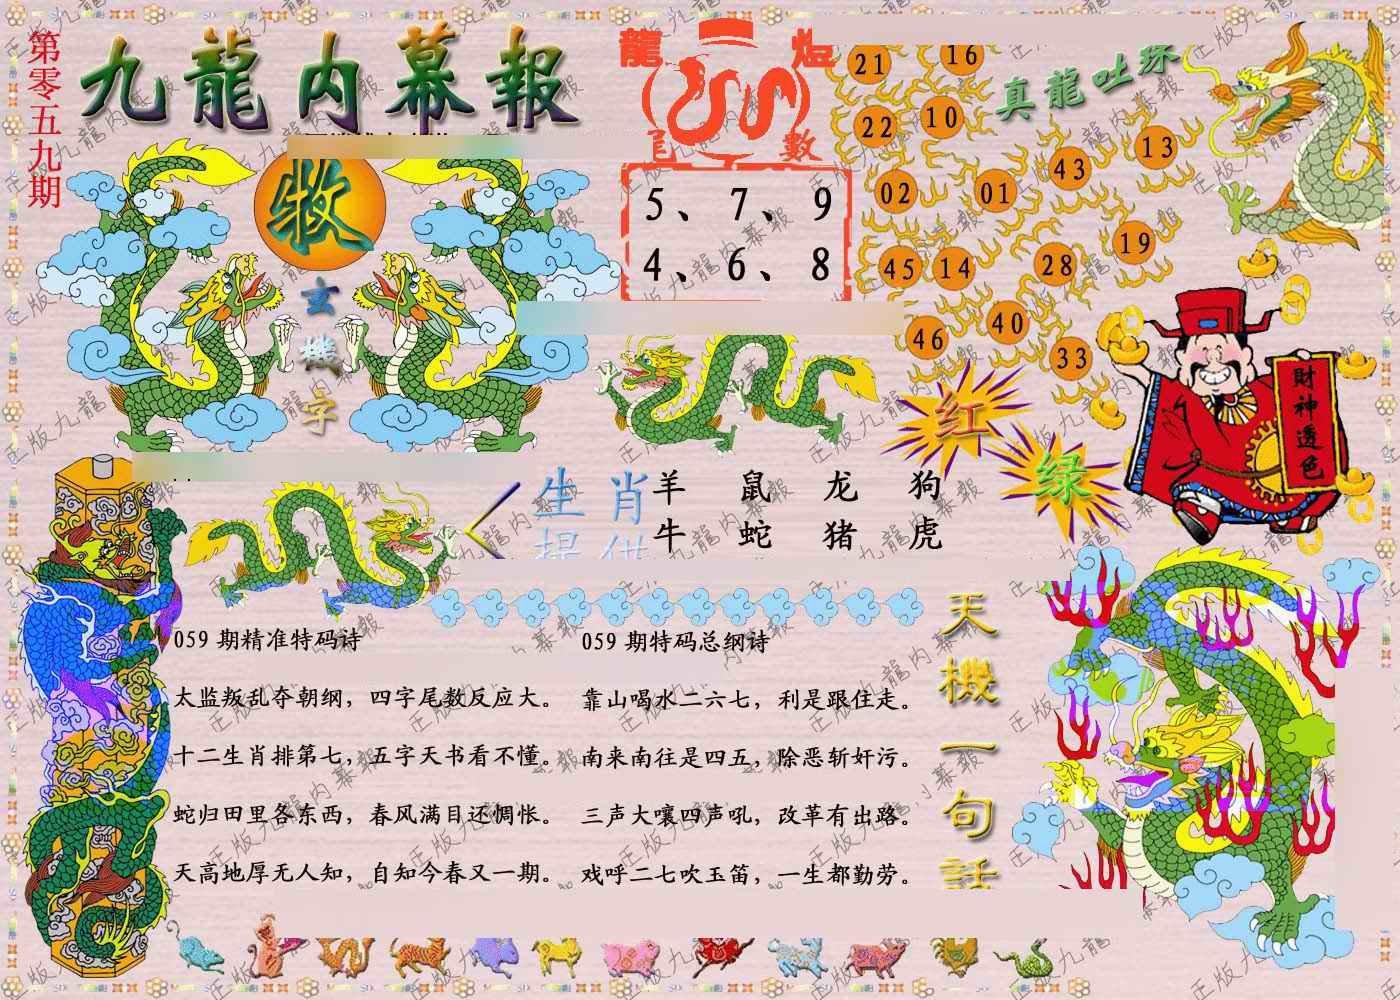 059期正版九龙内幕报